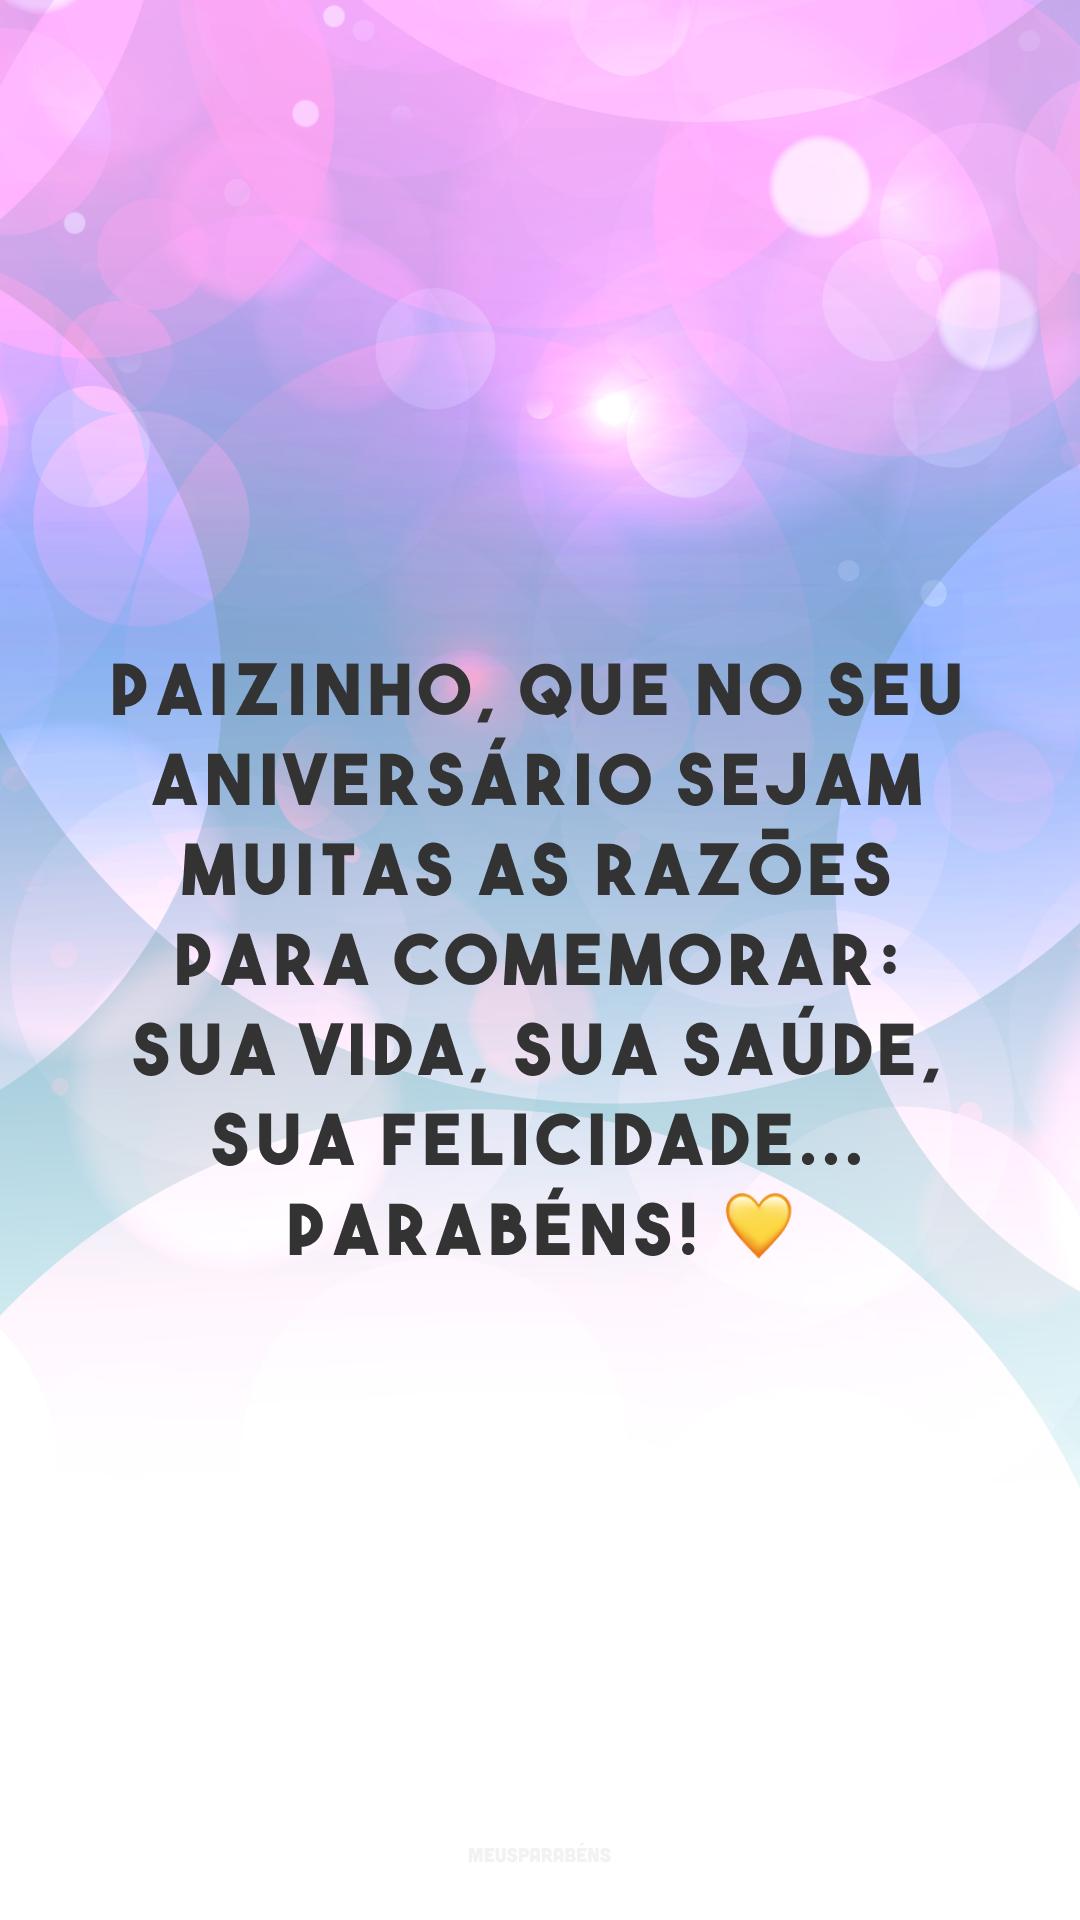 Paizinho, que no seu aniversário sejam muitas as razões para comemorar: sua vida, sua saúde, sua felicidade... Parabéns! ?